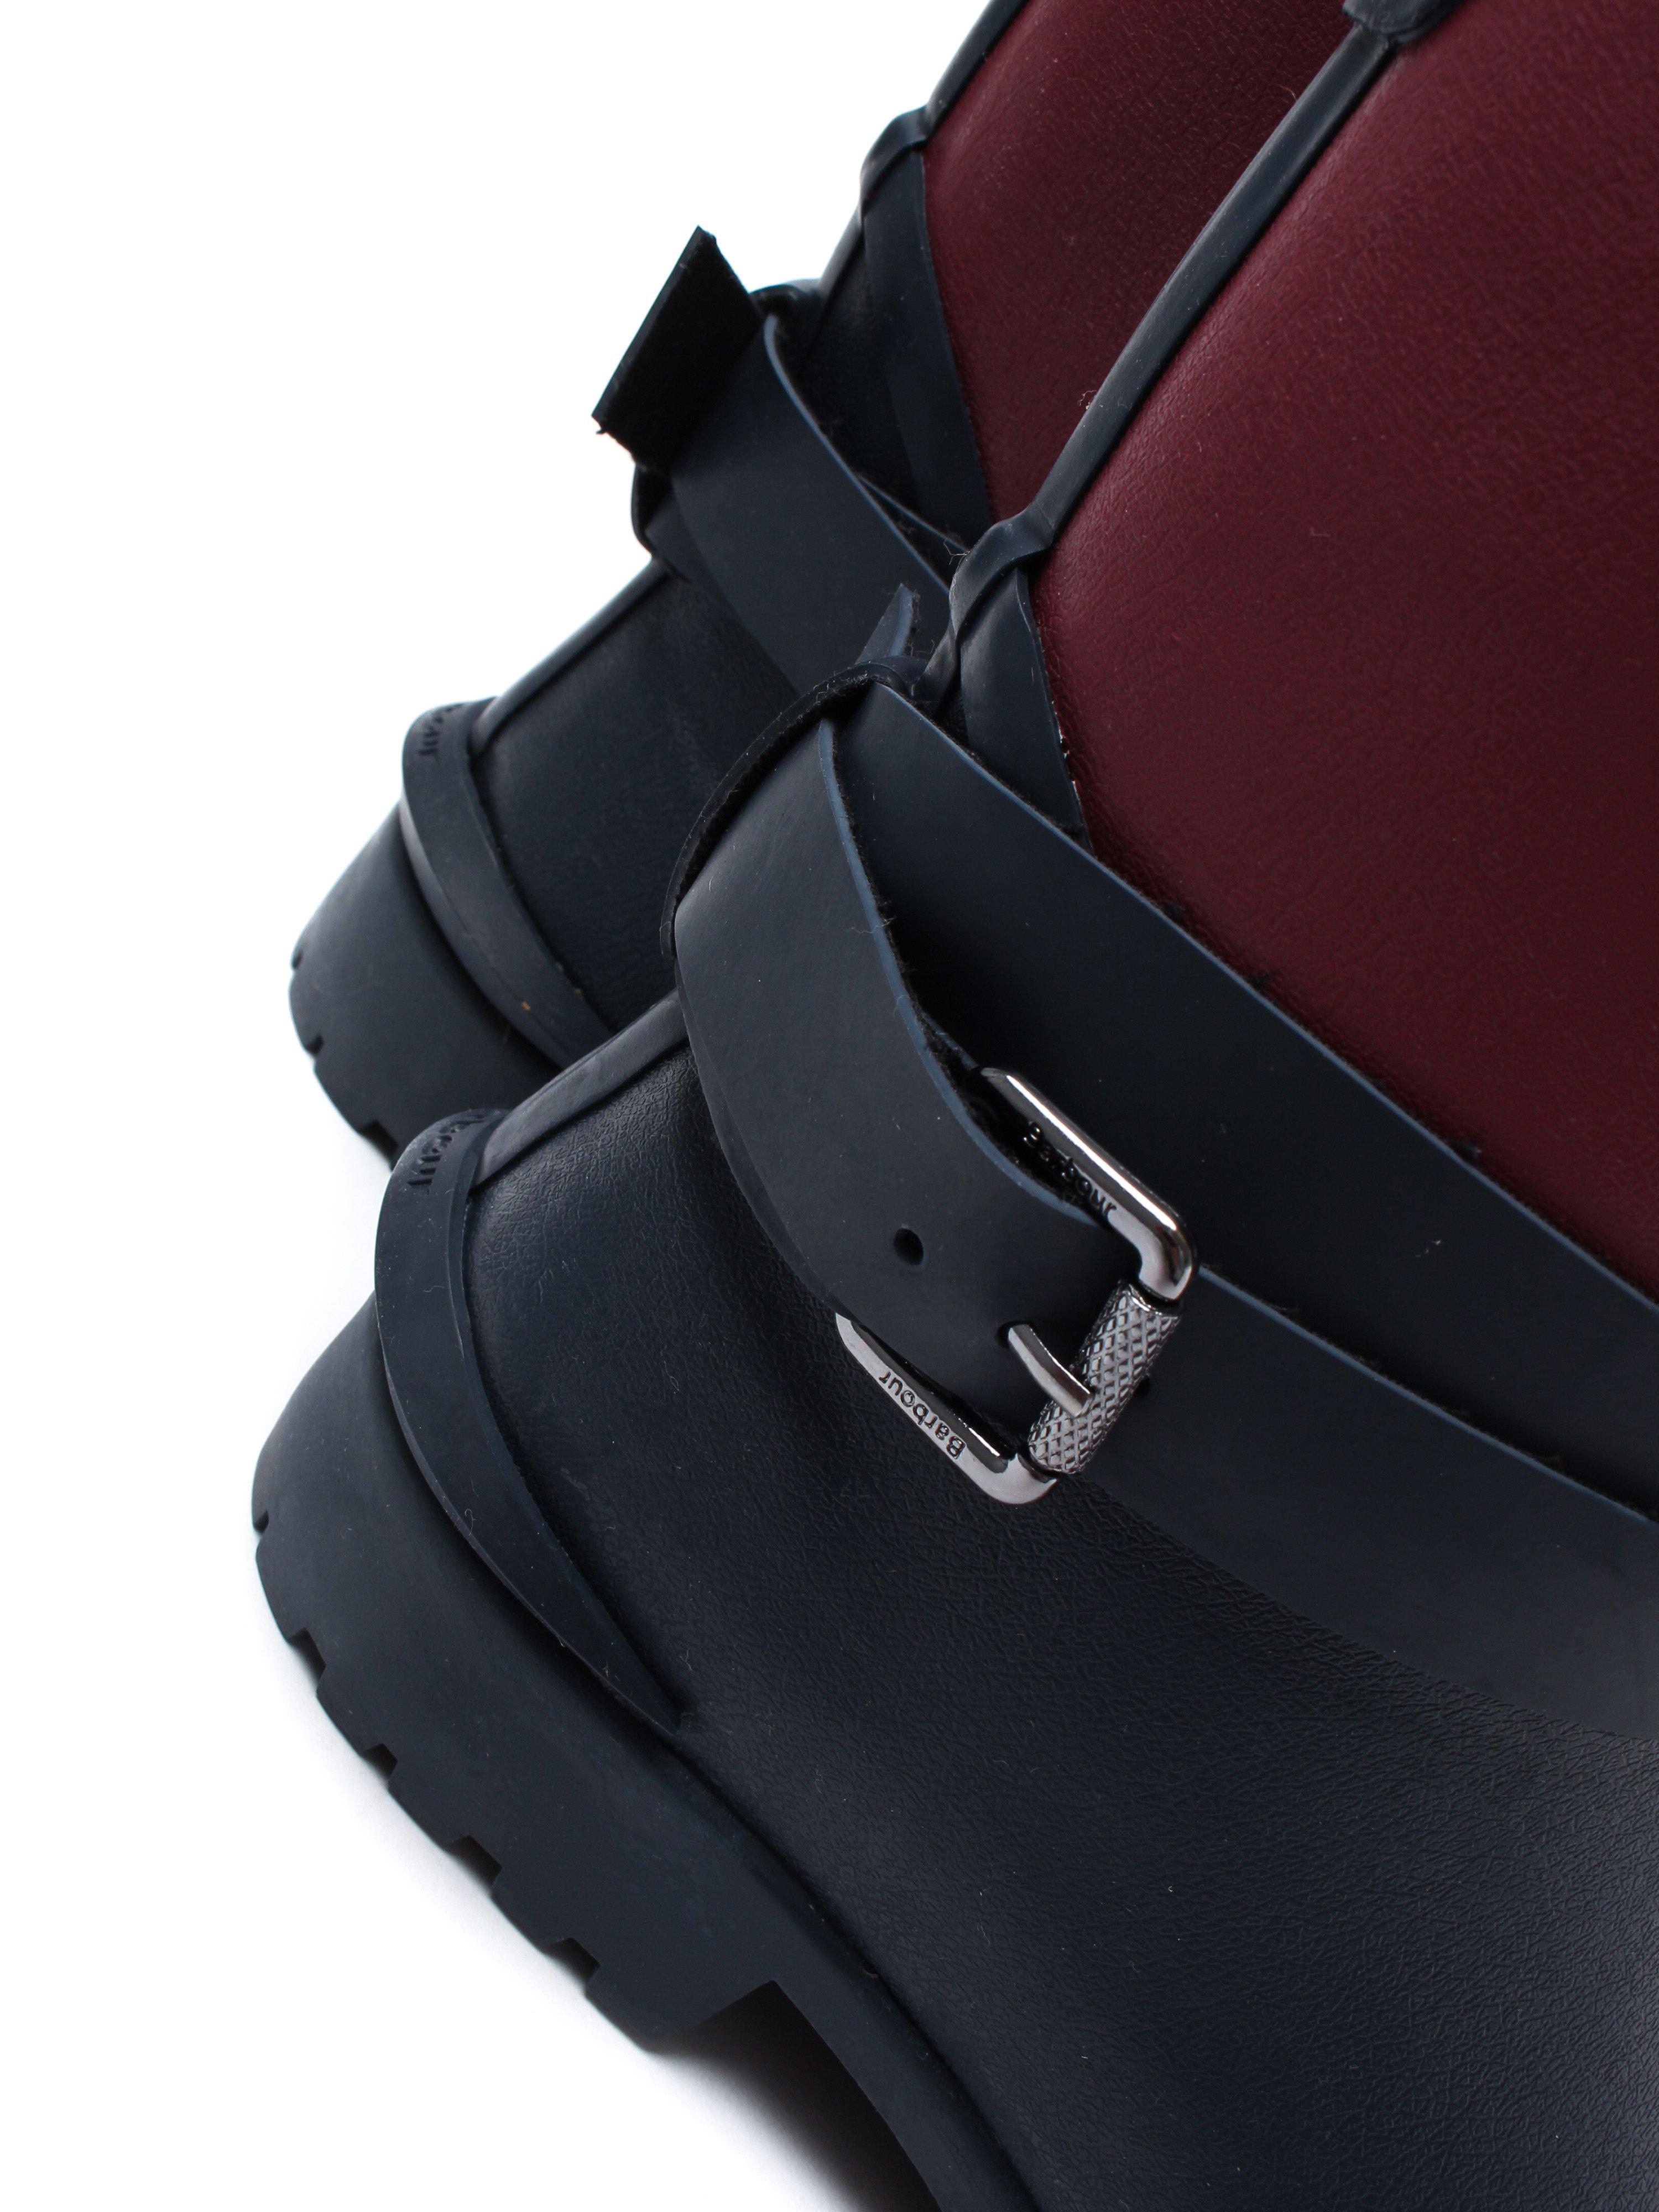 Barbour Women's Biker Buckle Welly - Navy Leather